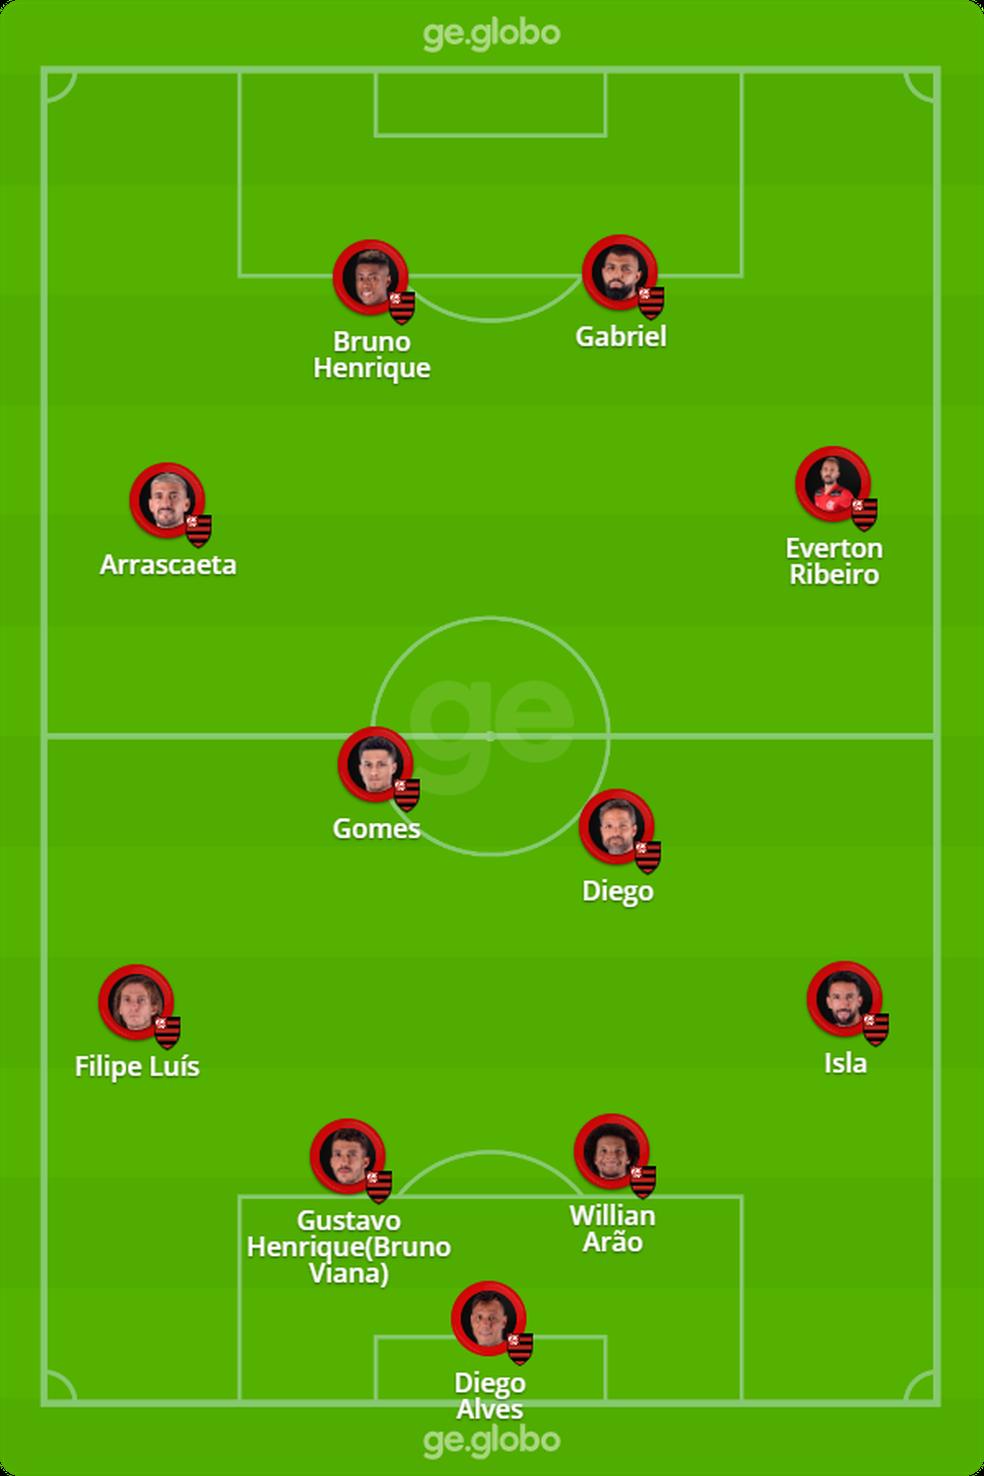 Provável escalação do Flamengo para enfrentar a LDU — Foto: ge